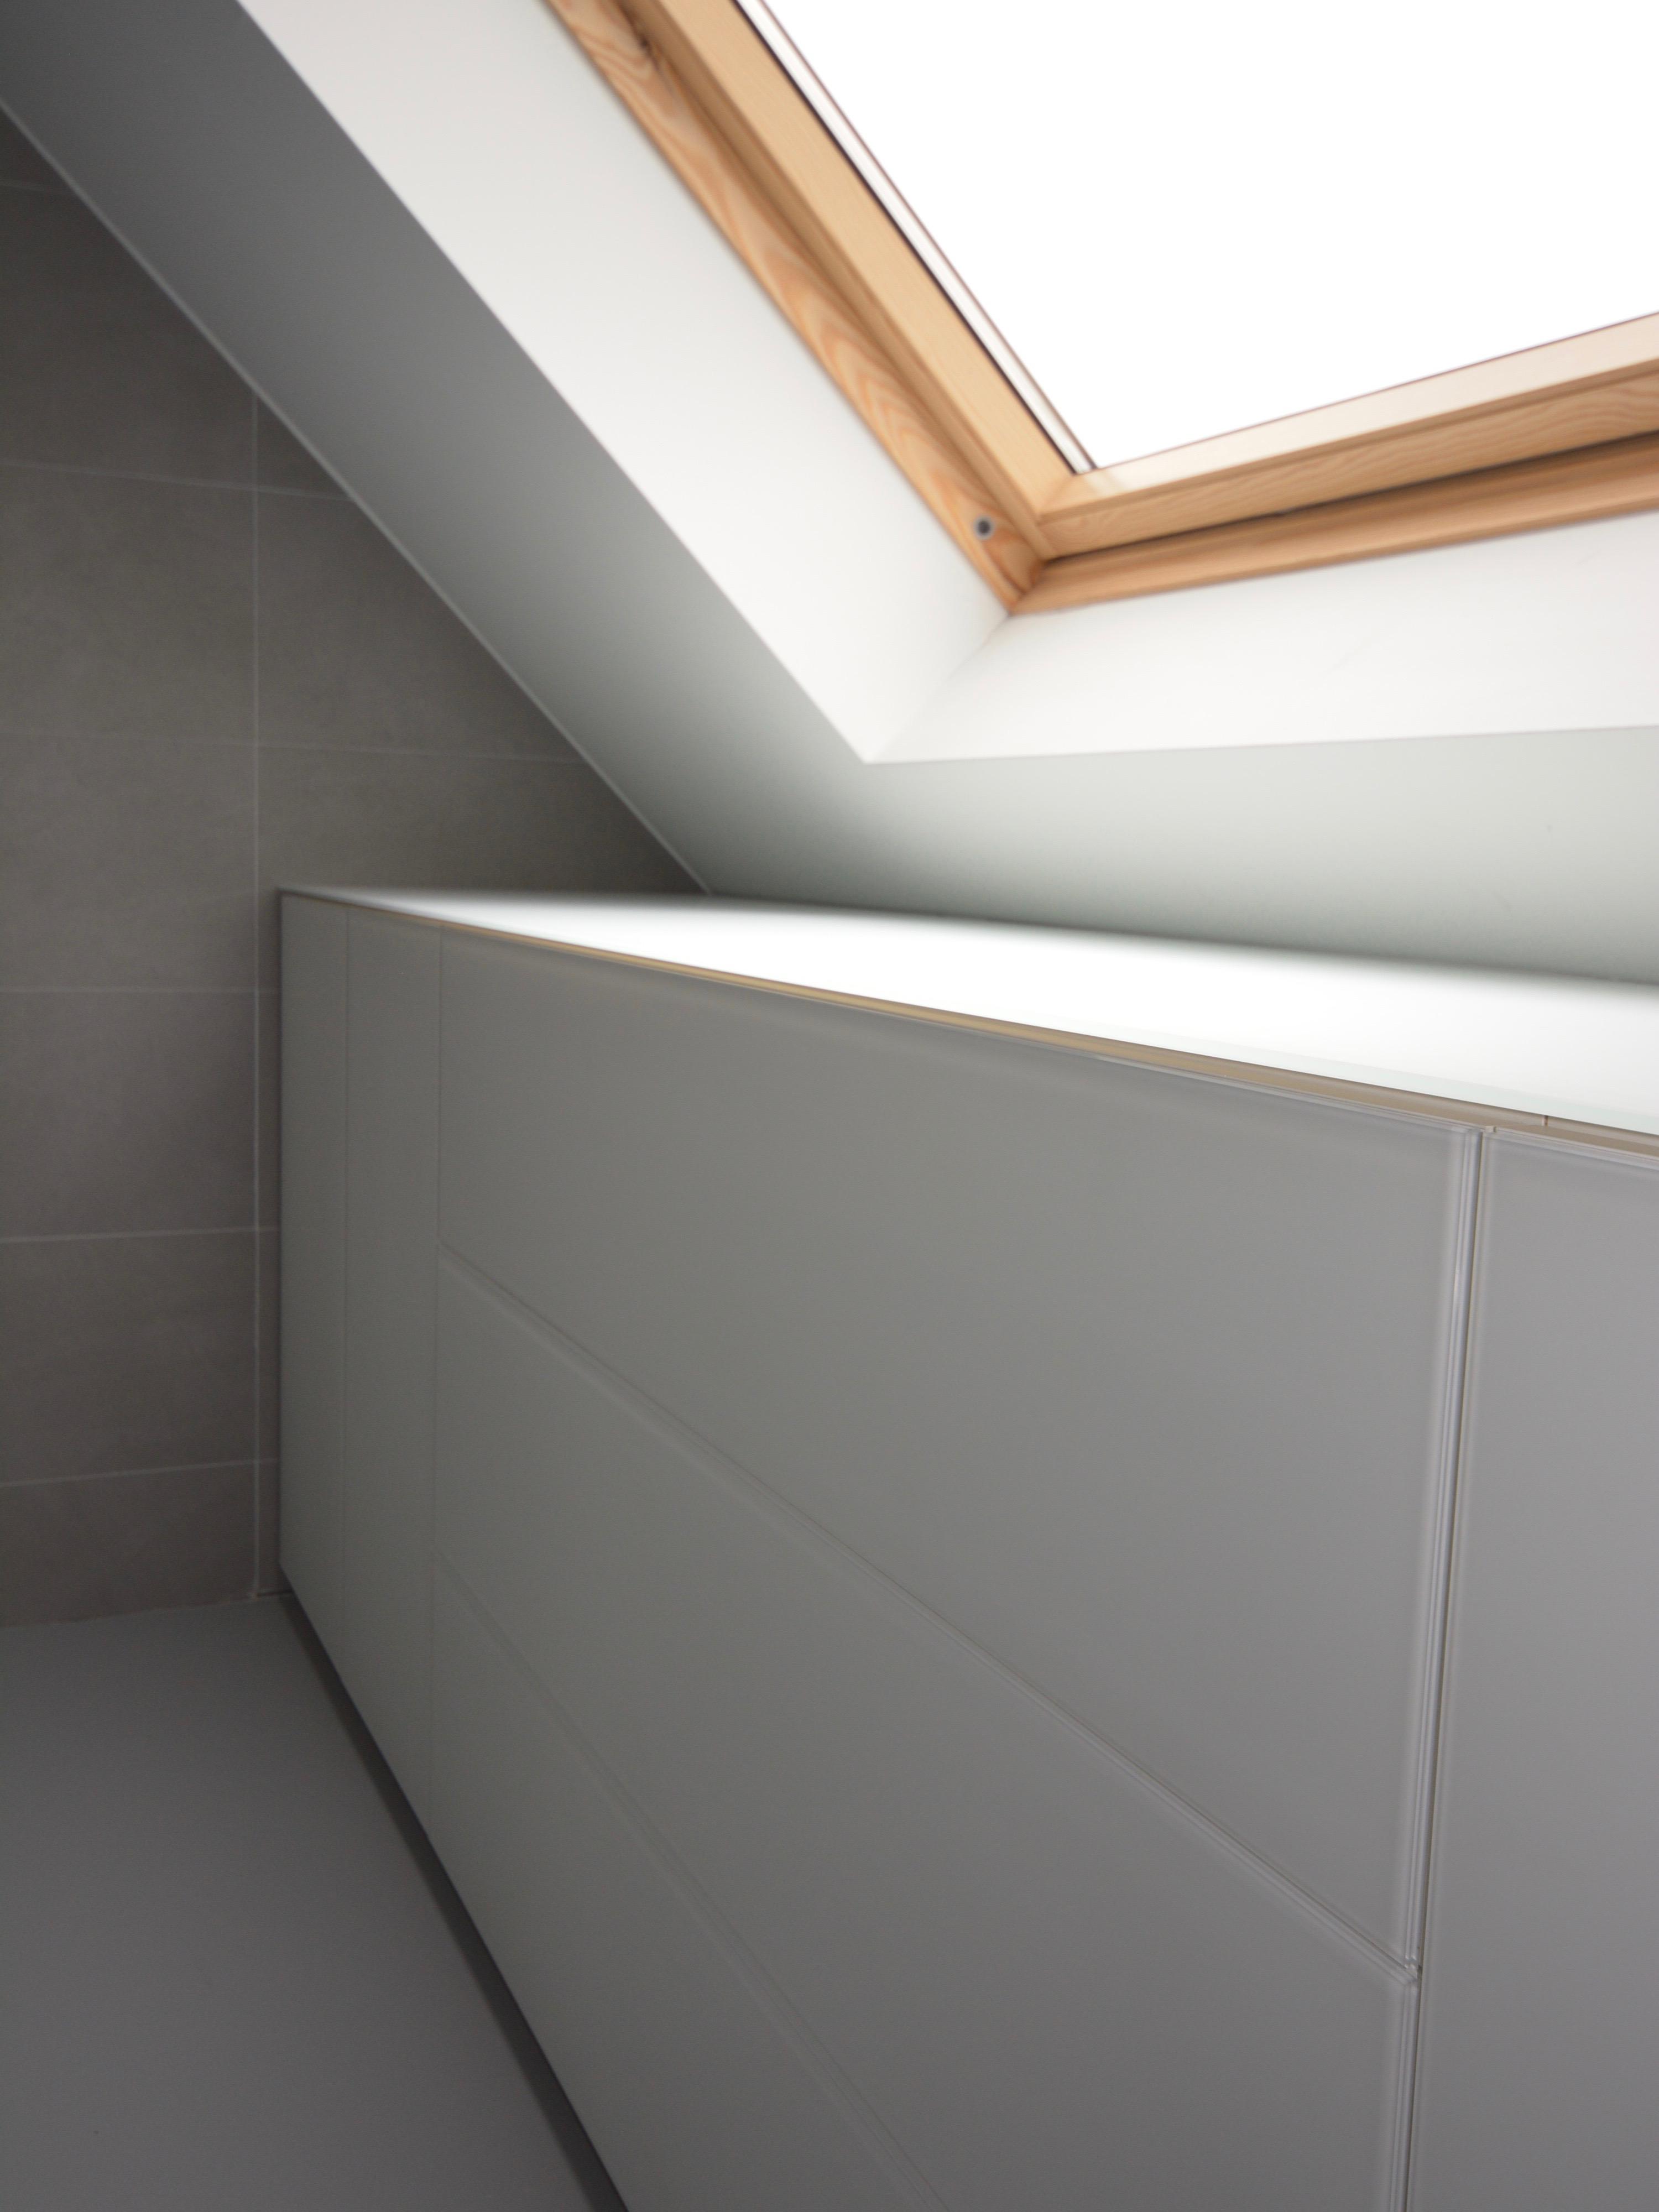 Badkamer glas in 2 design - Badkamer met glas ...